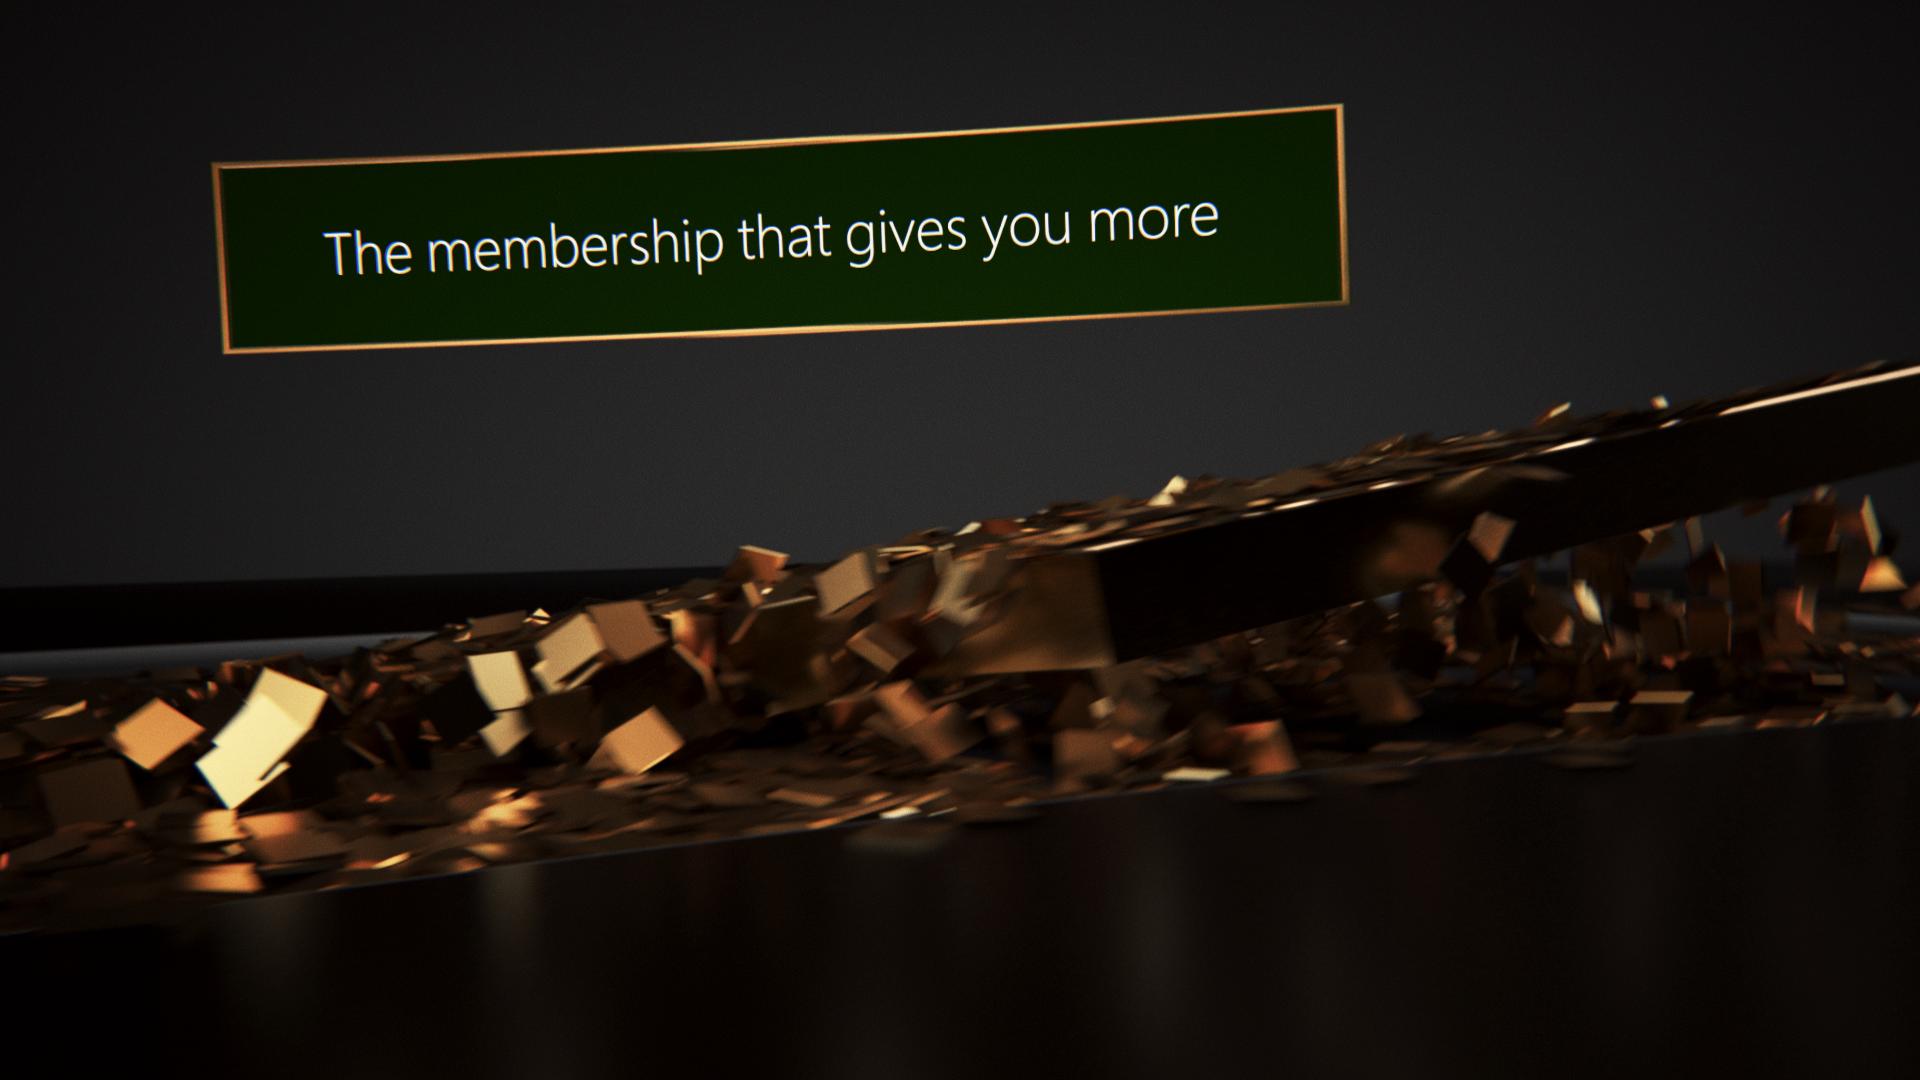 XboxGamingApps_02.png